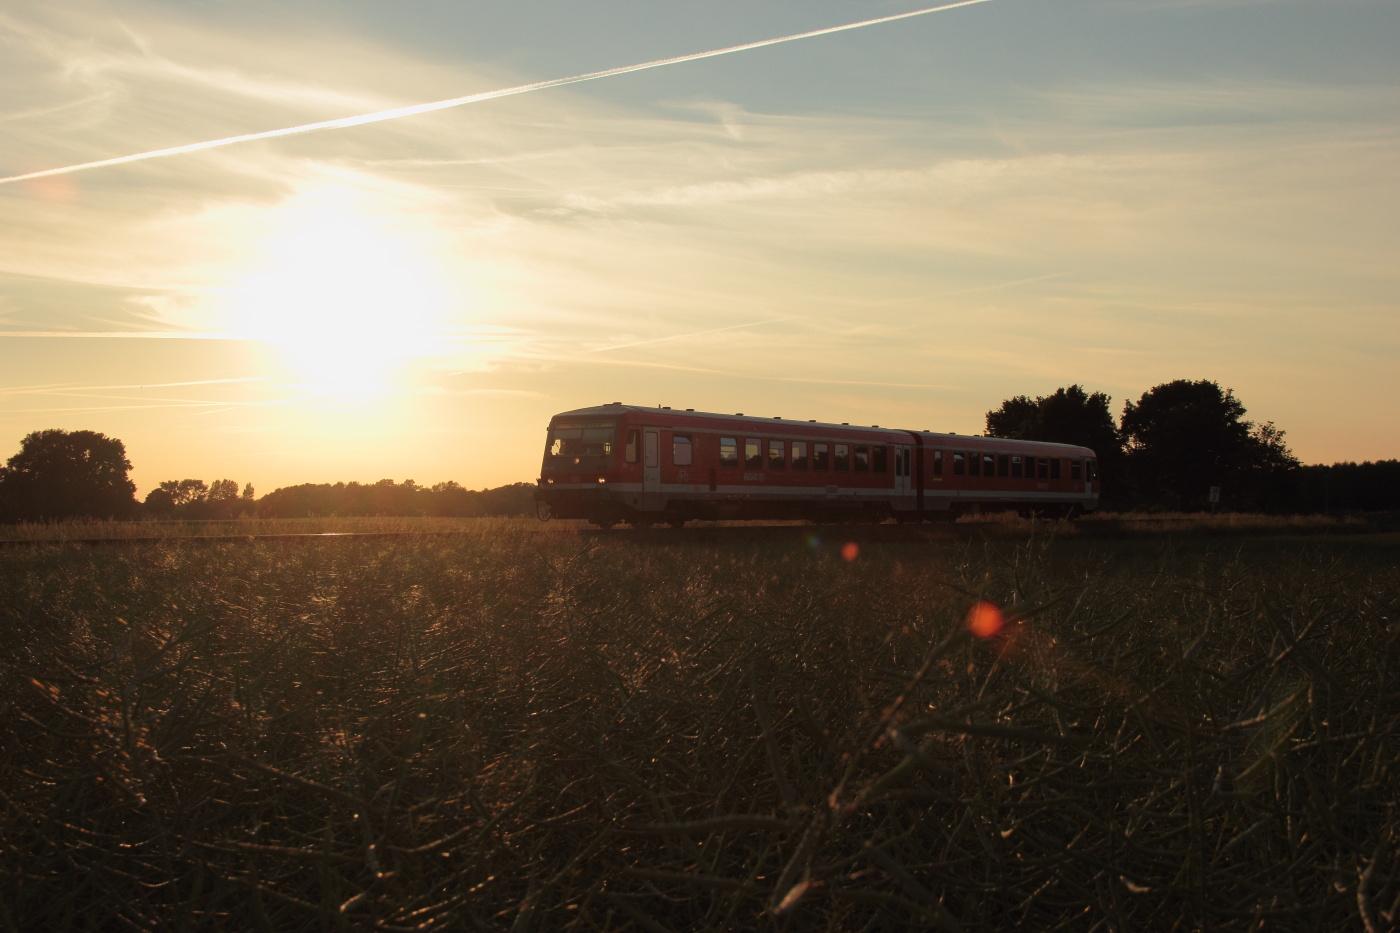 http://www.nachtbahner.de/Fotos/2014-05-30%20KBS%20115%20M%c3%bchlenbahn%20Uelzen%20-%20Braunschweig%20/k-IMG_6502%20KBS%20115%20M%c3%bchlenbahn%2030.05.14%20(13).JPG